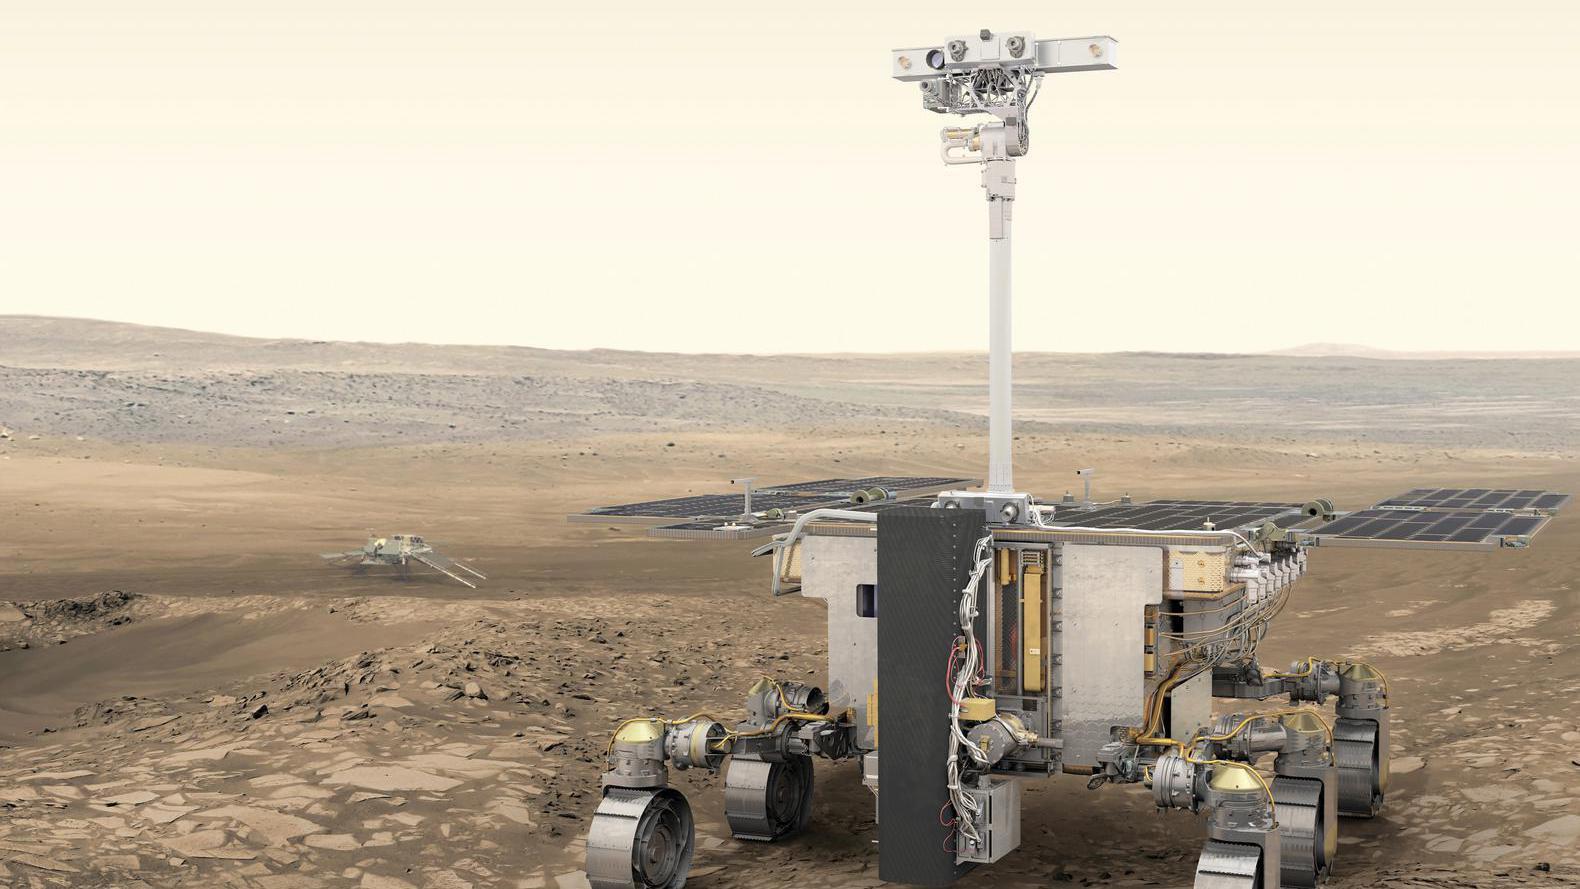 Een conceptfoto van ExoMars, die volgens ESA een meer aantrekkelijke naam verdient.